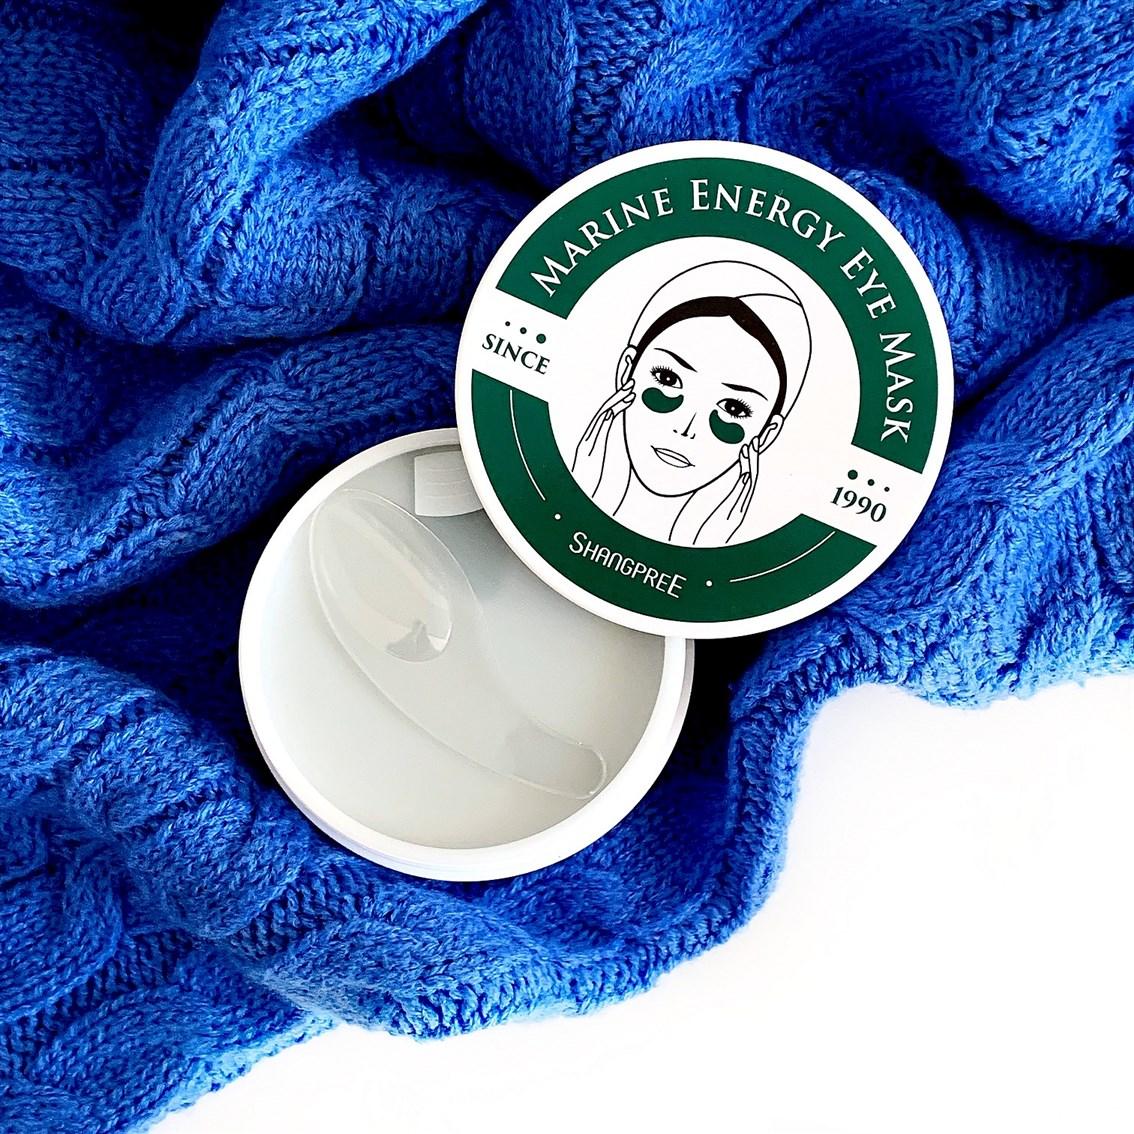 Shangpree Marine Energy Eye Mask opinie